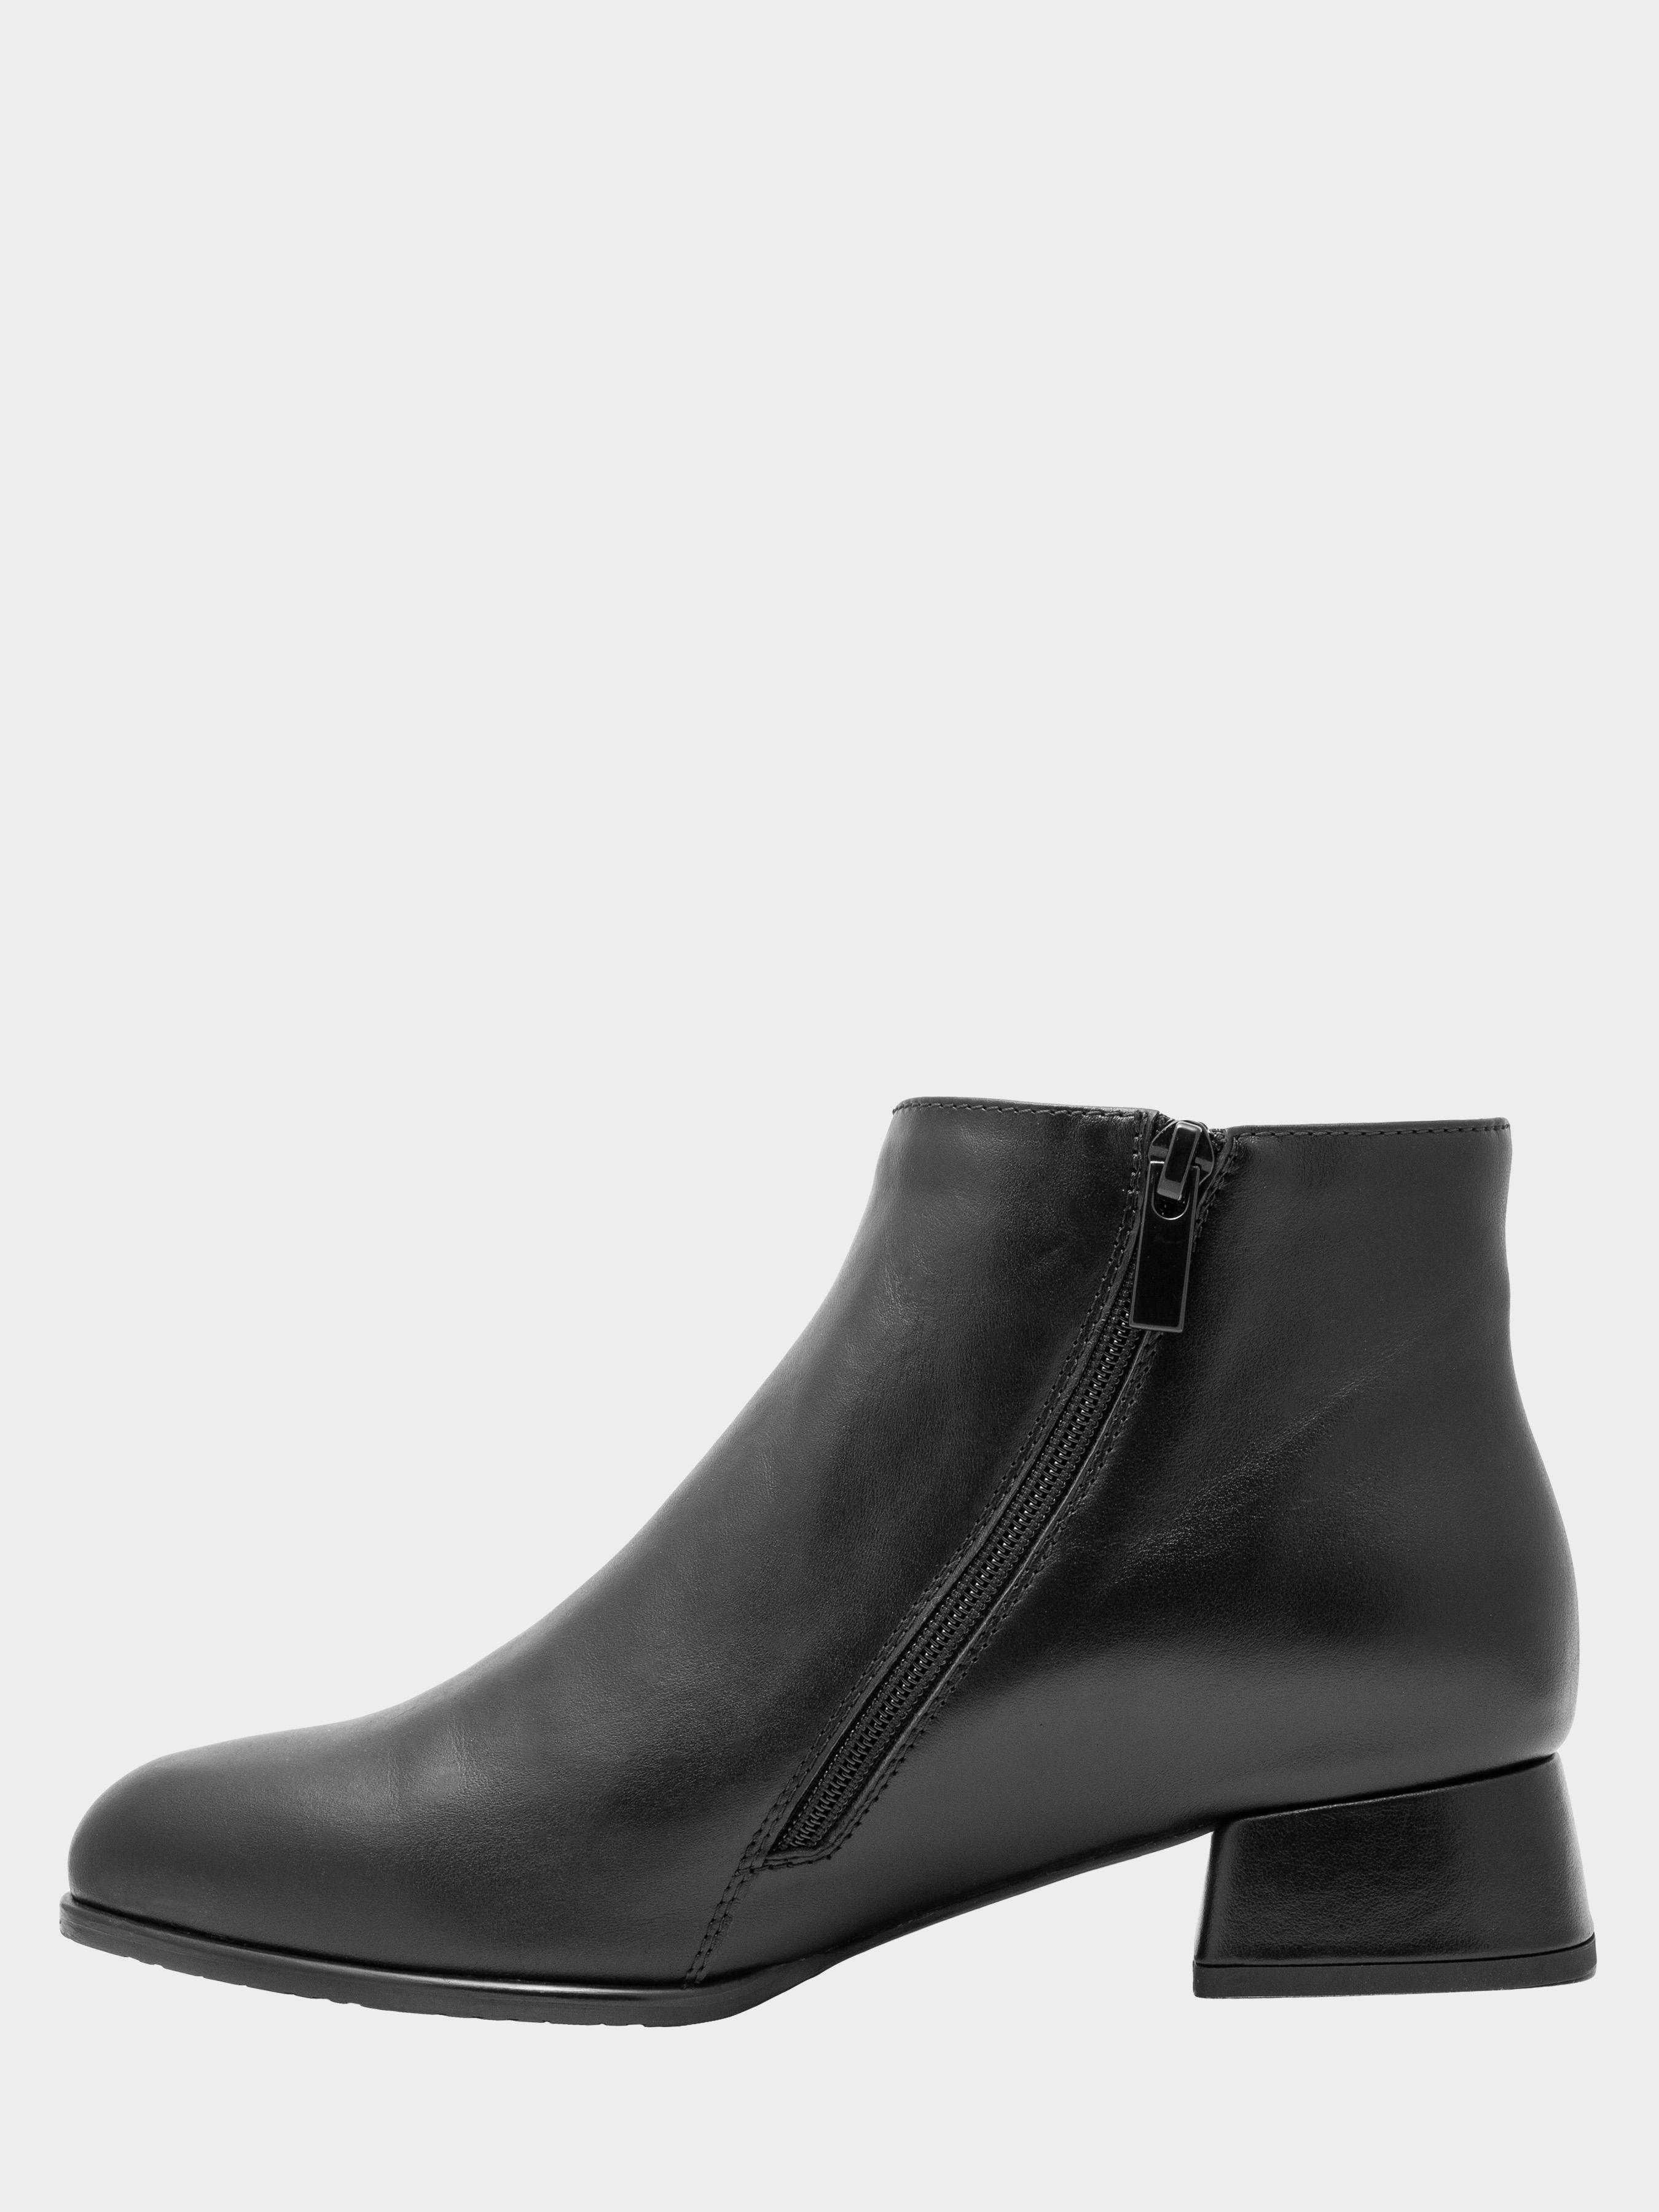 Ботинки для женщин Ботинки женские ENZO VERRATTI 18-10029-4ba купить в Интертоп, 2017